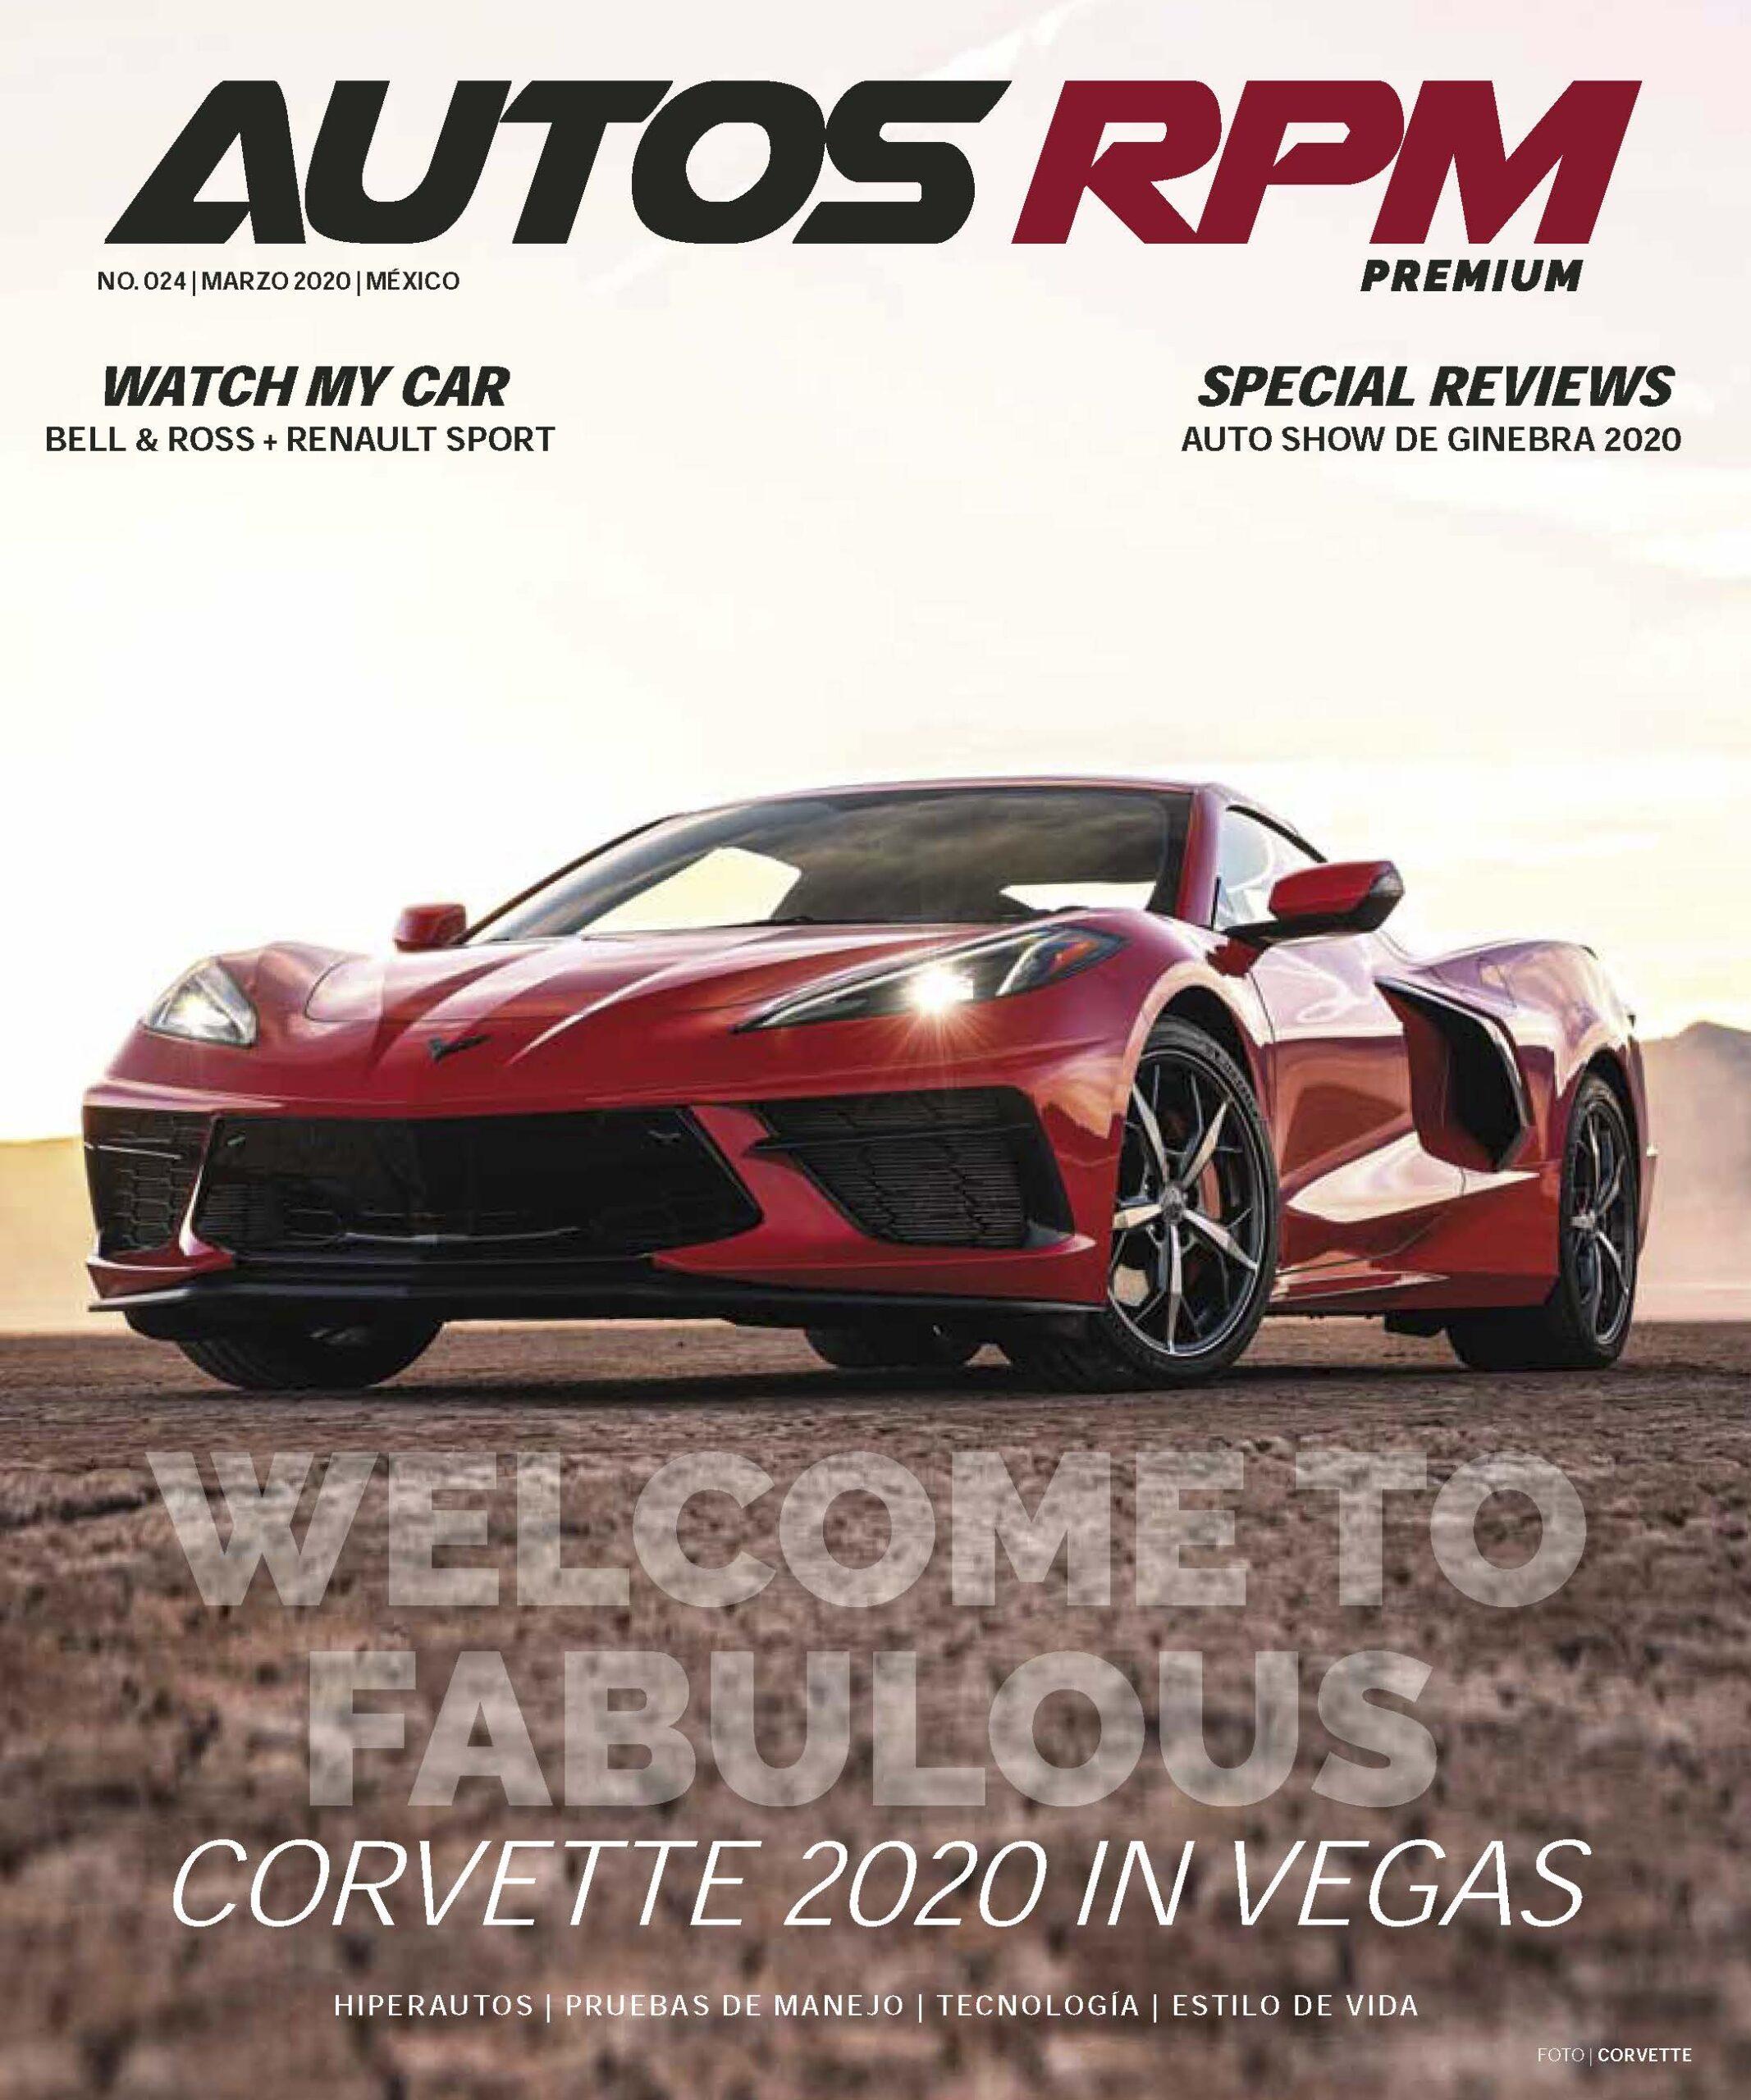 Autos RPM Premium, marzo 2020